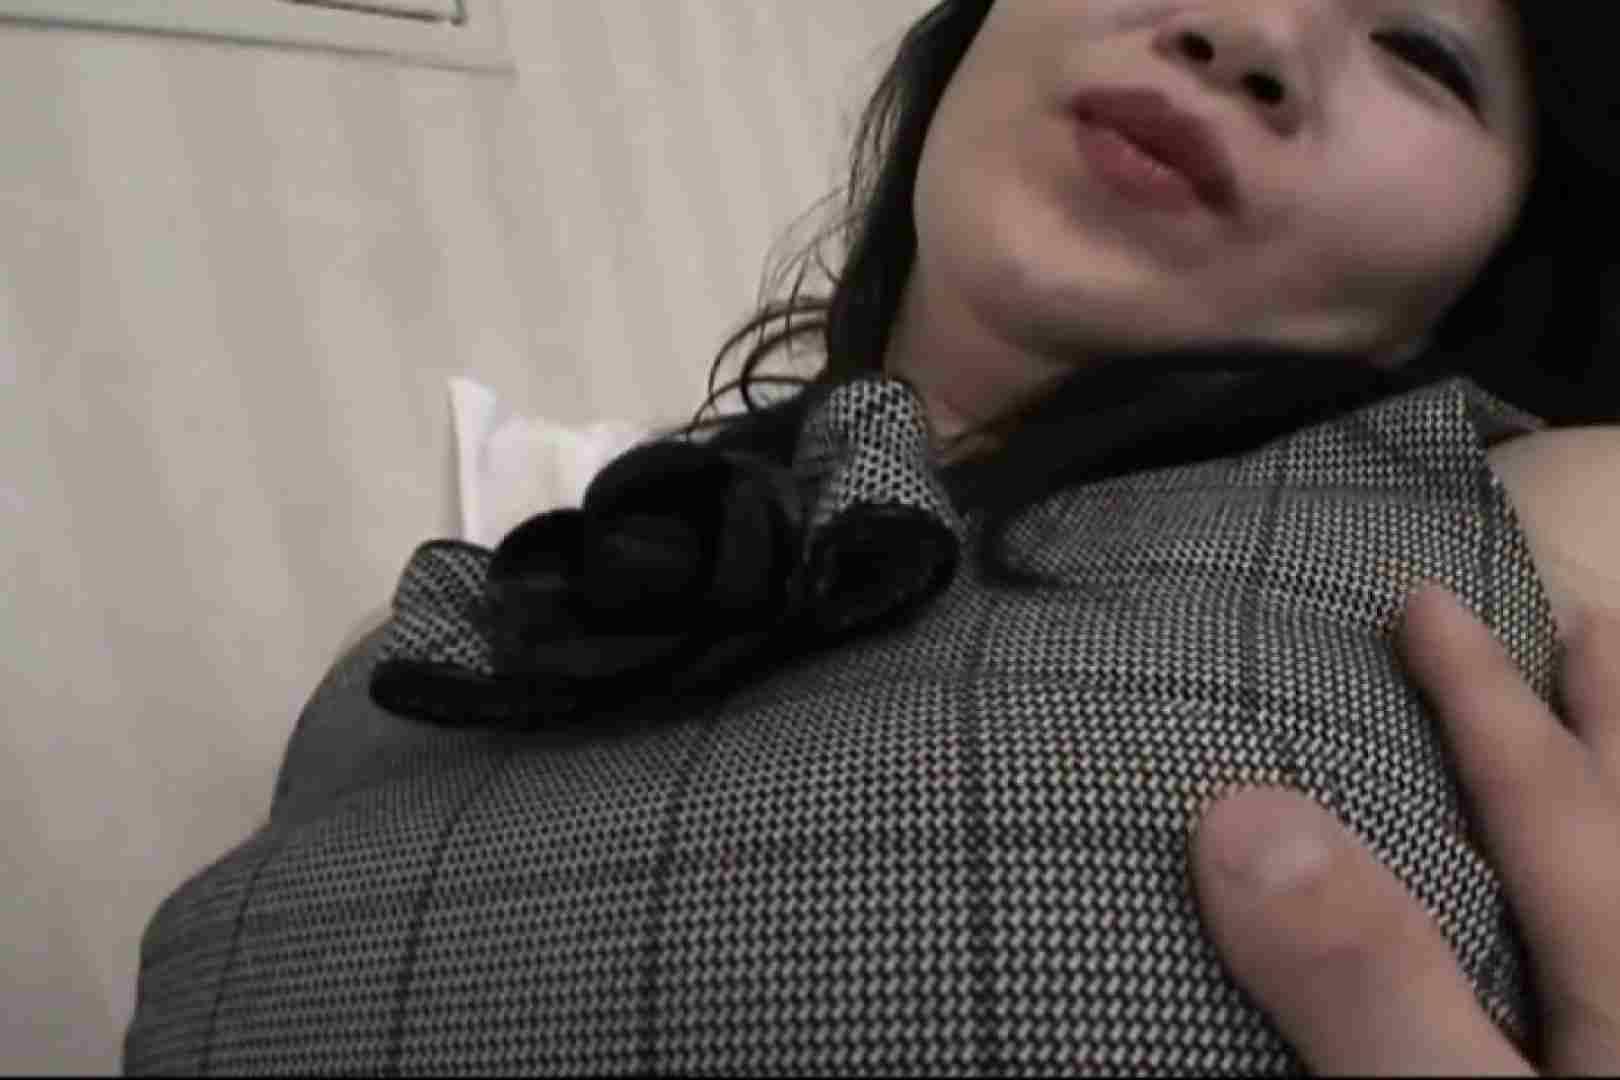 四十路の熟れた体が男を欲しがる~山川としえ~ 熟女の裸体   ローター  108画像 38